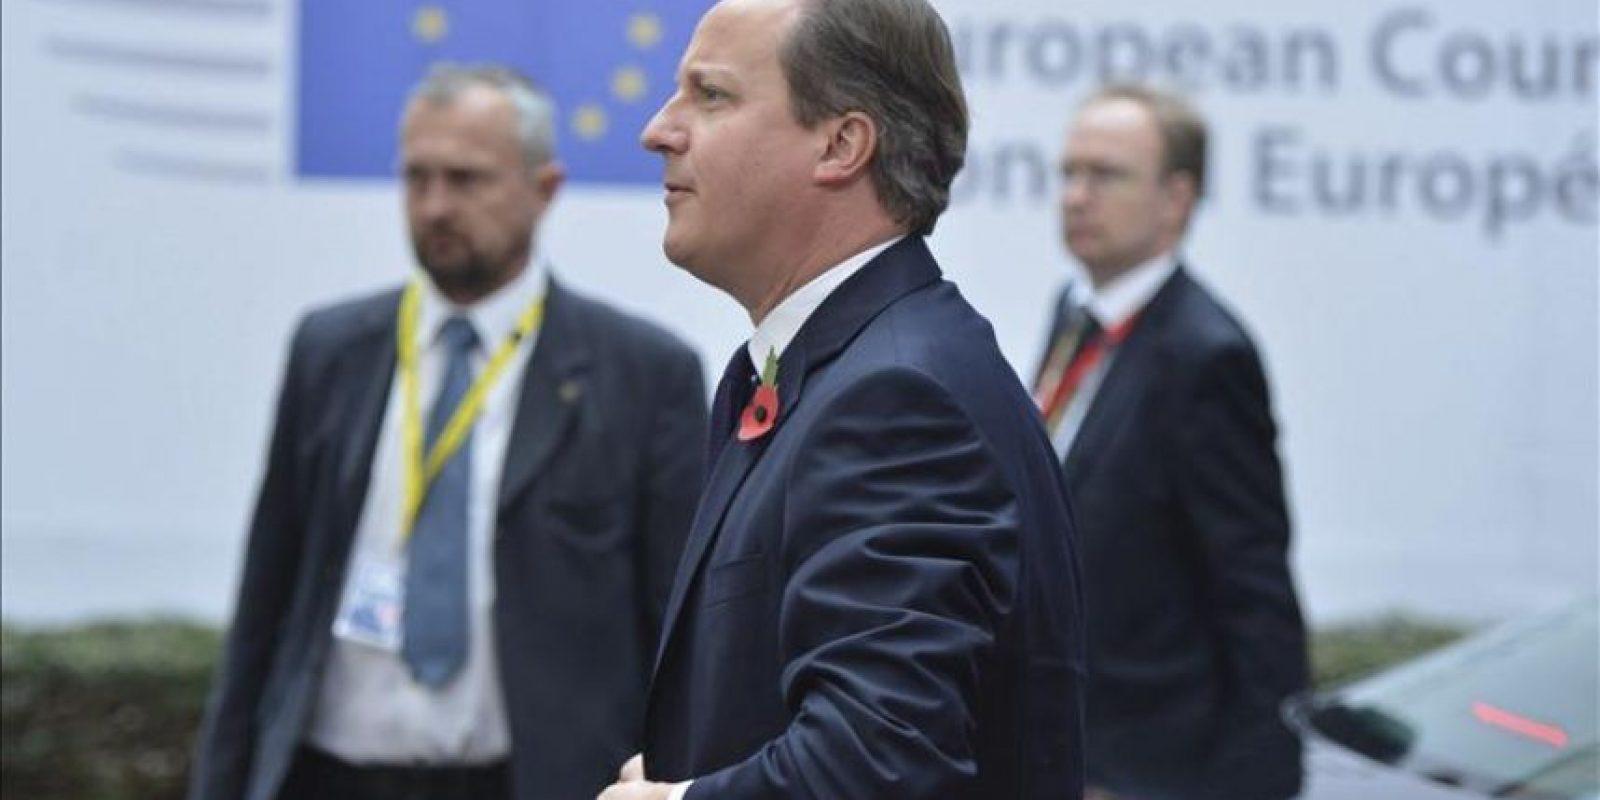 El Primer Ministro británico David Cameron a su llegada a la sede del Consejo de Europa en Bruselas, Bélgica hoy. EFE